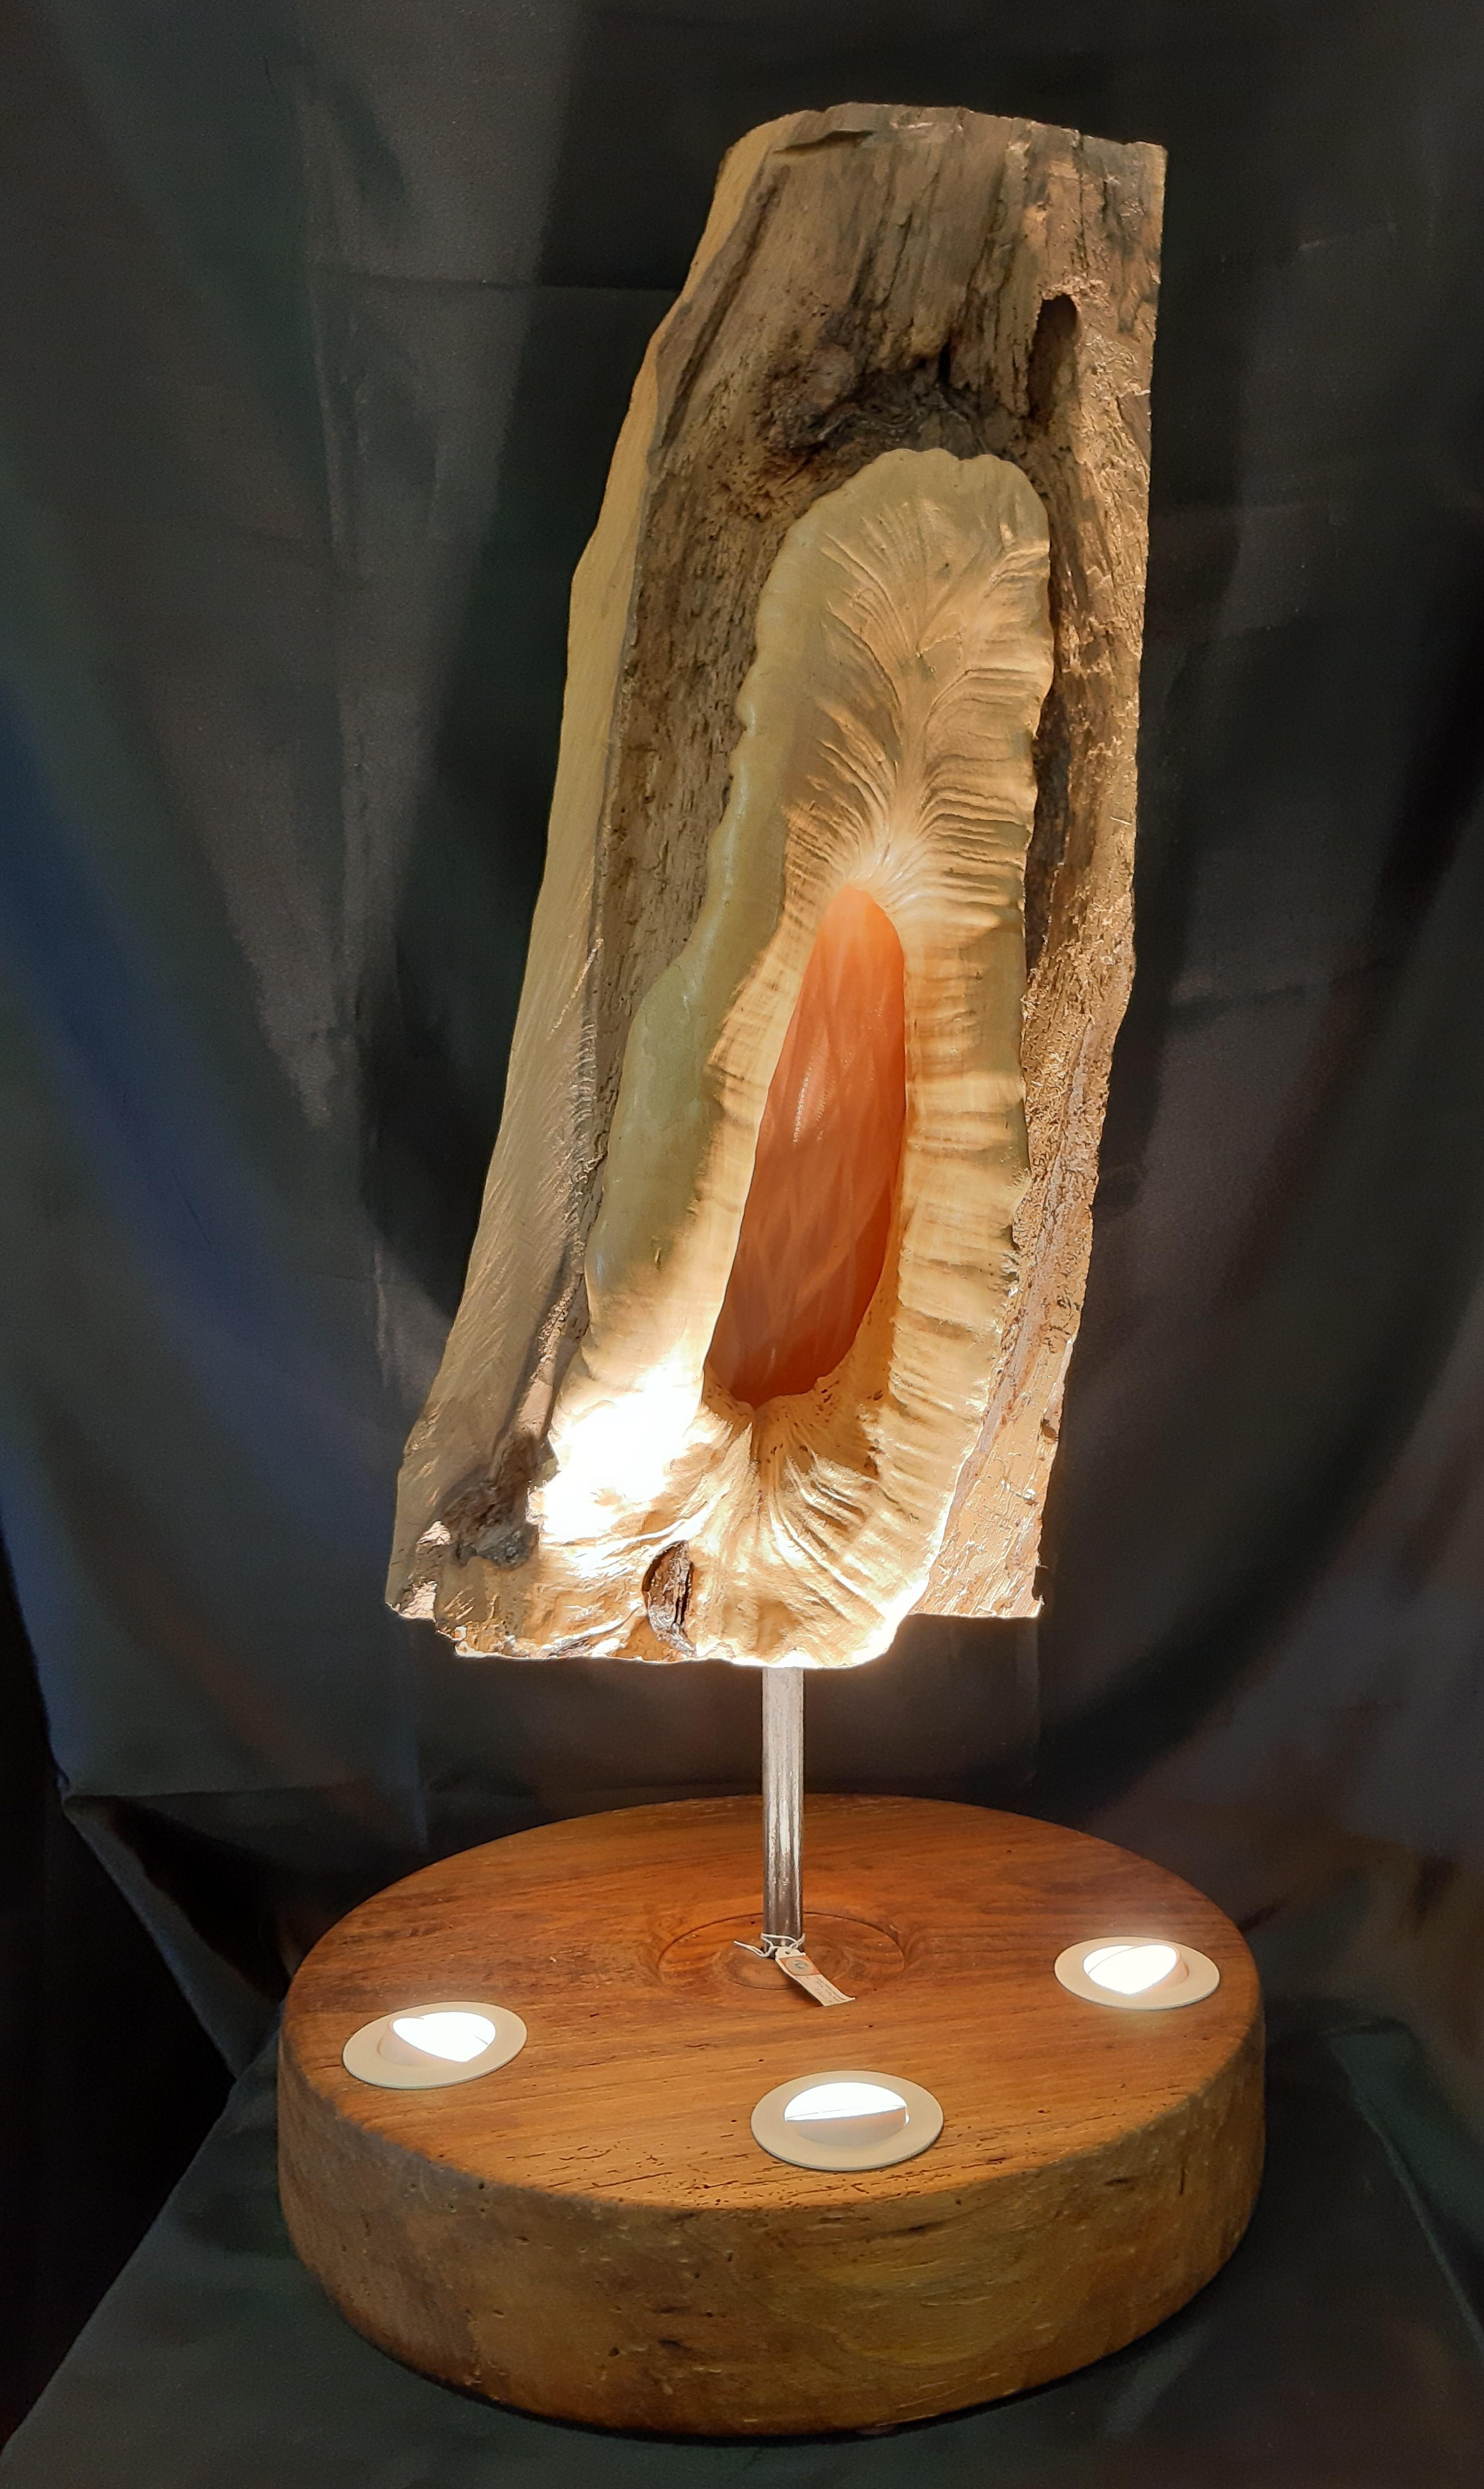 lampe unique, création bois cuivre, lampe nature